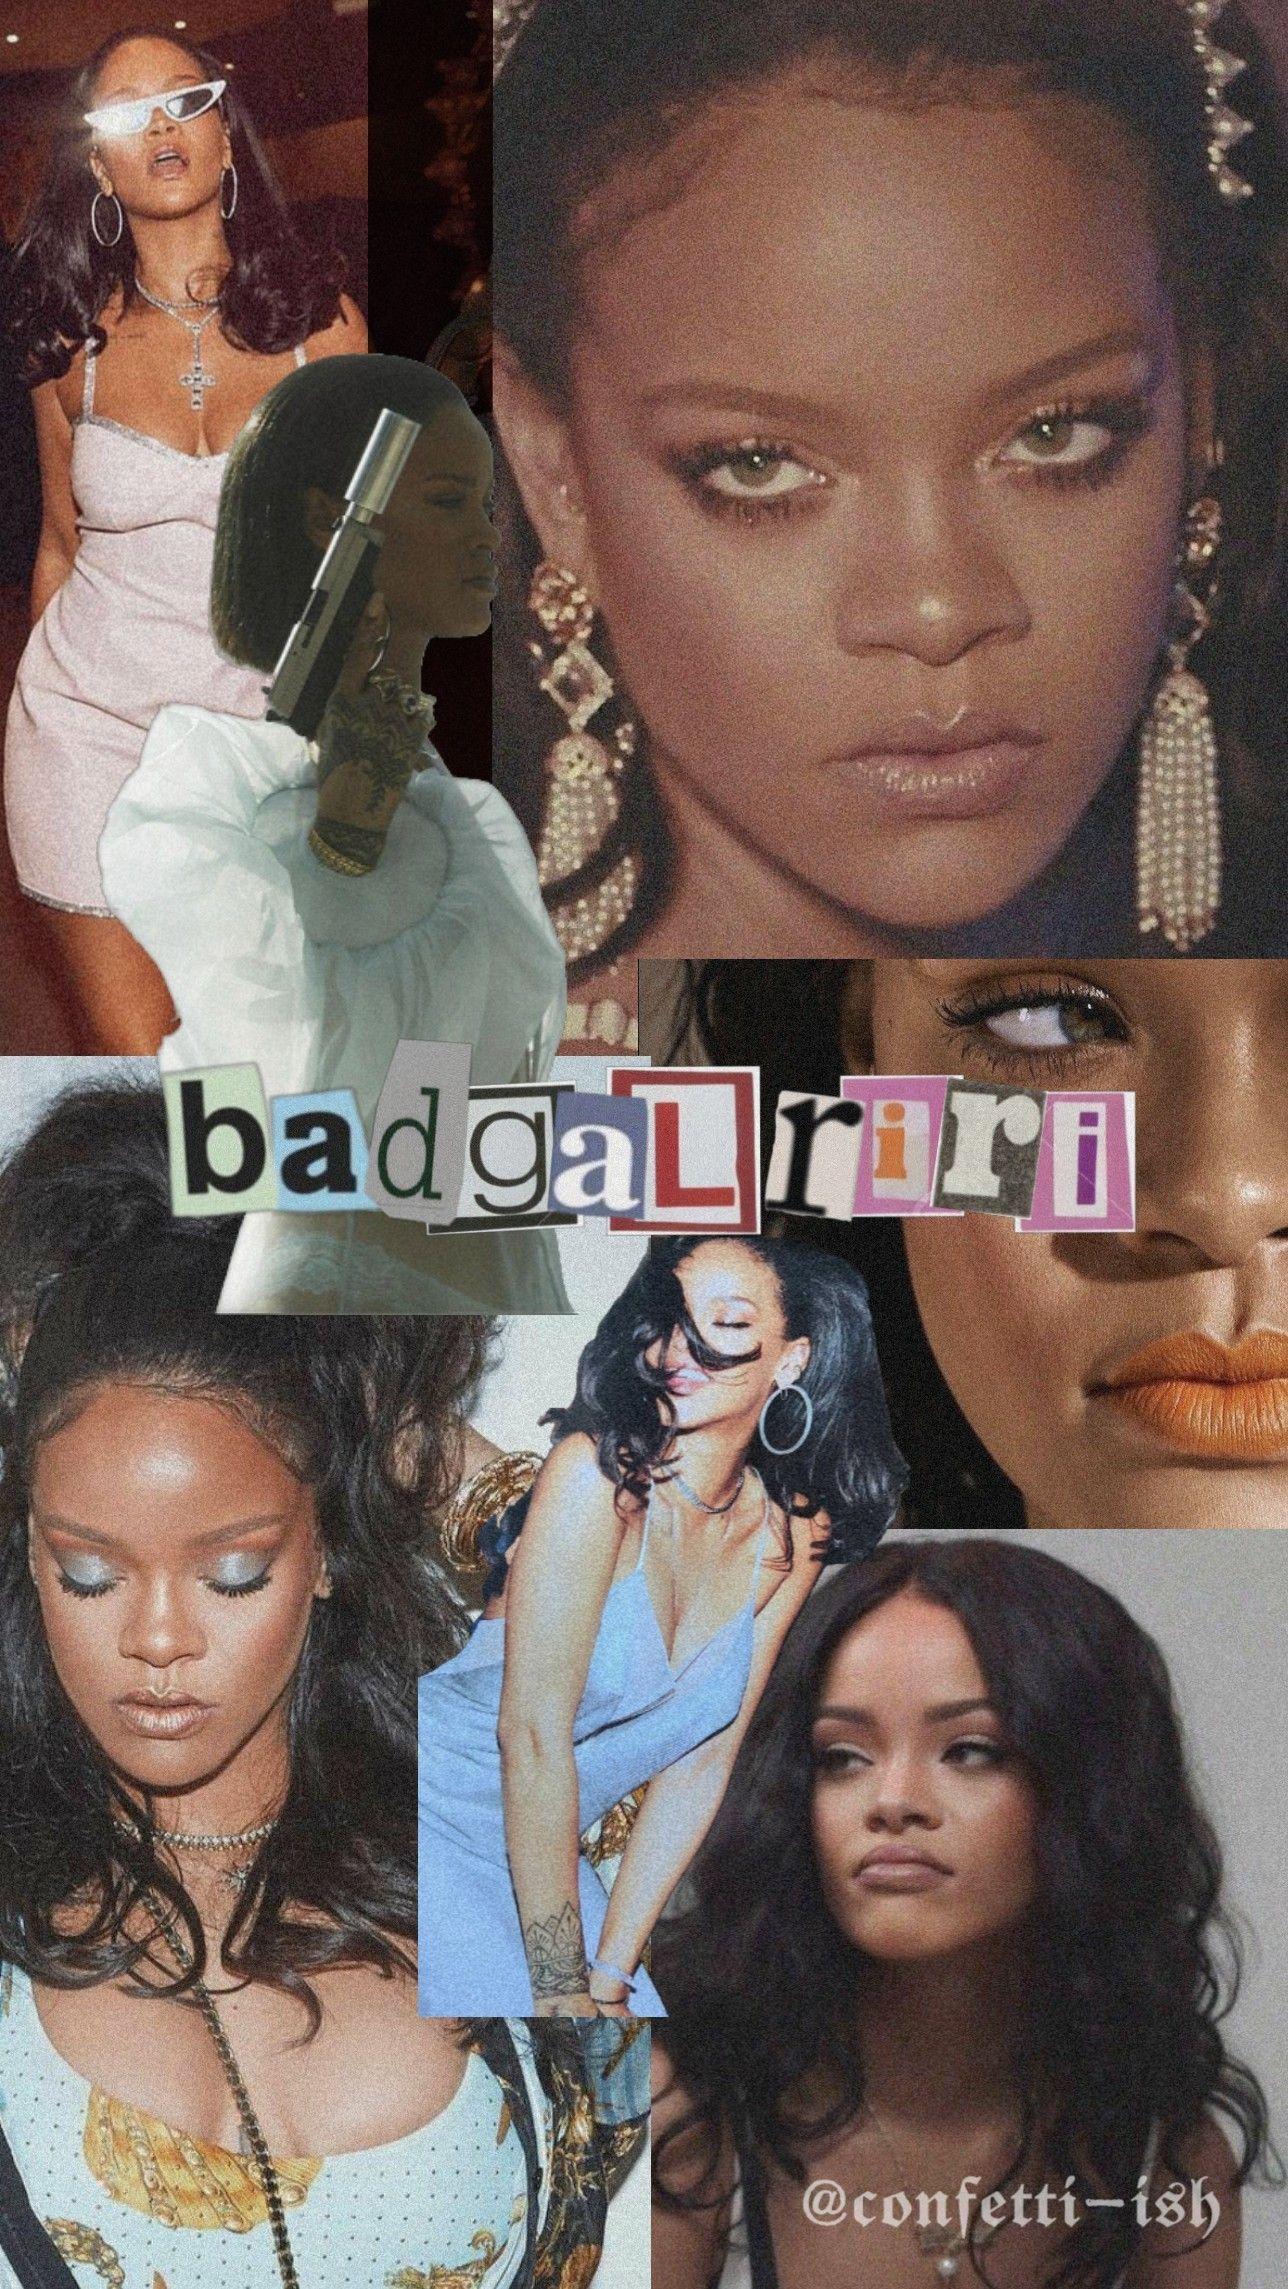 𝘳𝘪𝘩𝘢𝘯𝘯𝘢 𝘸𝘢𝘭𝘭𝘱𝘢𝘱𝘦𝘳 Rihanna Rihanna Riri Clueless Aesthetic